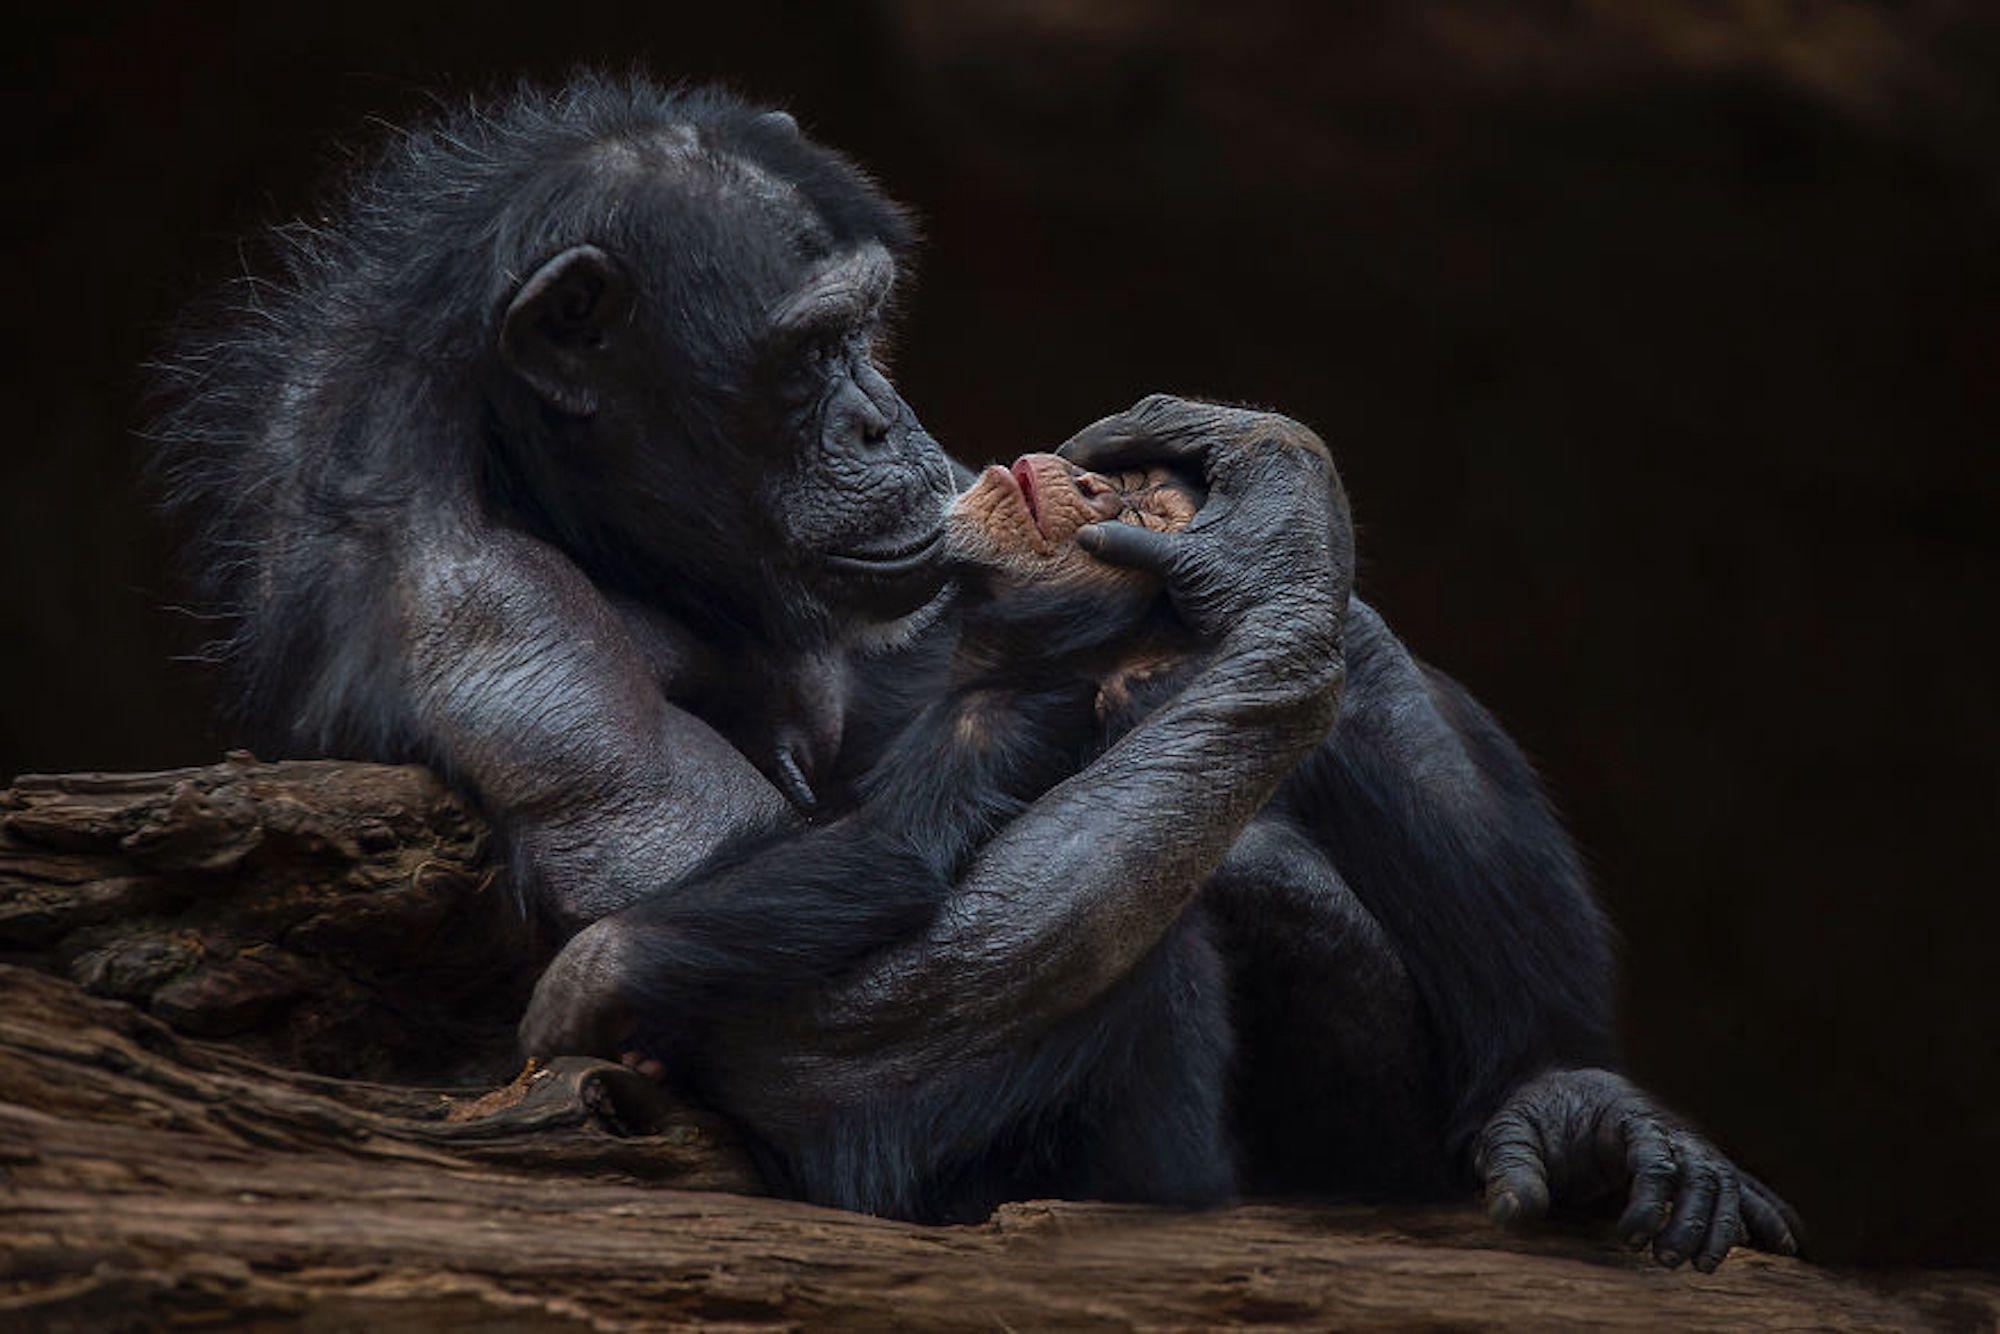 Momento de ternura entre um chimpanzé e seu bebê no zoológico de Tenerife, na Espanha